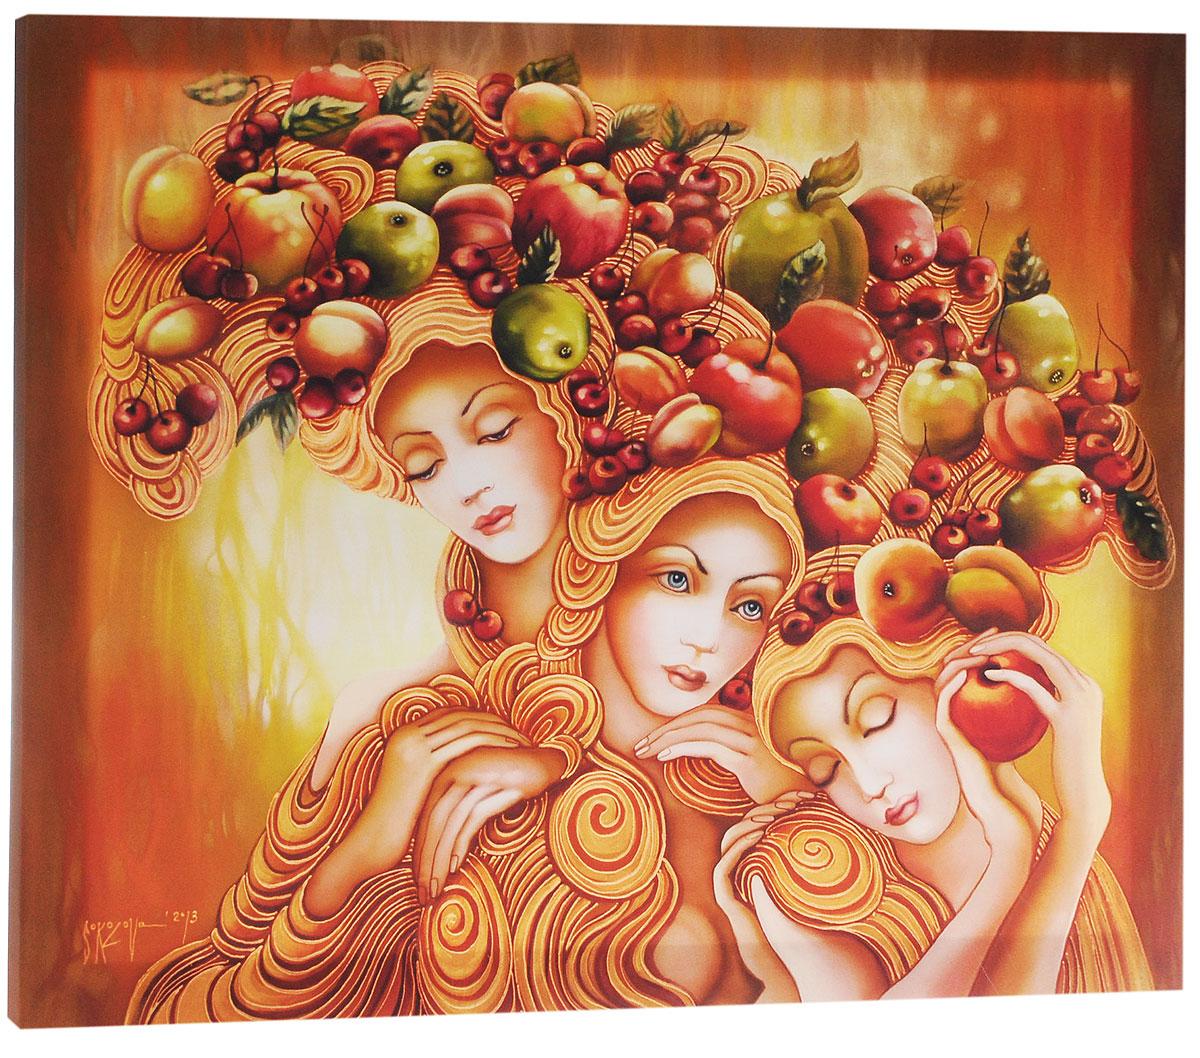 КвикДекор Картина детская Богини судьбыAP-00792-00008-Cn7060Картина КвикДекор Богини судьбы - это прекрасное украшение для вашей гостиной, детской или спальни. Она привнесет в интерьер яркий акцент и сделает обстановку комфортной и уютной. Автор картины - Надежда Соколова - родилась в 1973 году в городе Дрездене. В 1986-1990 годах училась в Художественной школе города Новгорода. В 1995 году окончила с отличием рекламное отделение Новгородского училища культуры. В 2000 году защитила диплом на факультете Искусств и Технологий НовГУ имени Ярослава Мудрого. Выставляется с 1996 года. Работает в техниках: живопись, графика, батик, лаковая миниатюра, авторская кукла. Является автором оригинального стиля в миниатюре. Изделие представляет собой картину с латексной печатью на натуральном хлопчатобумажном холсте. Галерейная натяжка на деревянный подрамник выполнена очень аккуратно, а боковые части картины запечатаны тоновой заливкой. Обратная сторона подрамника содержит отверстие, благодаря которому картину можно легко закрепить на стене и...